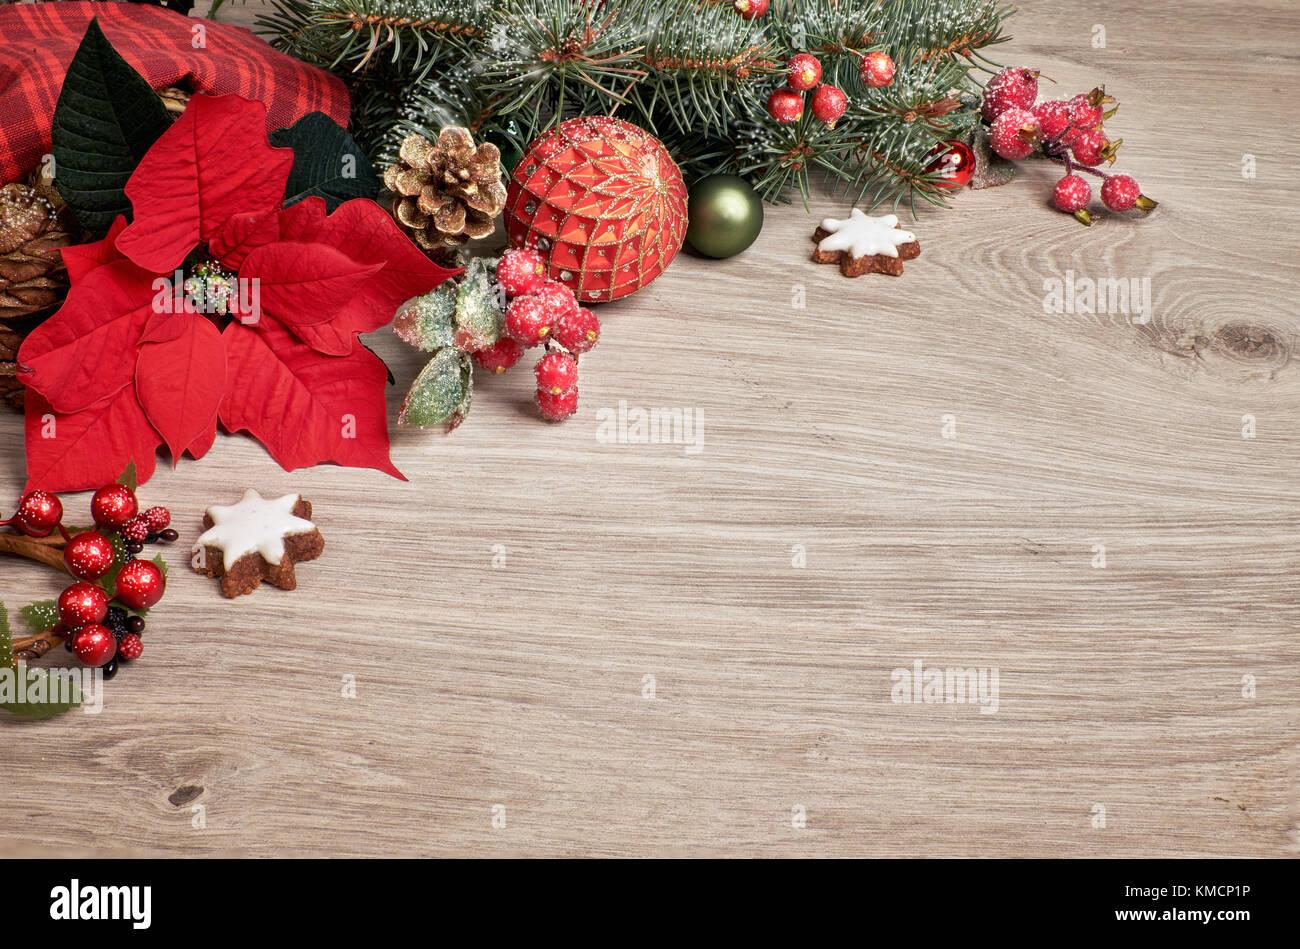 Holz- Hintergrund mit Weihnachtsstern, Weihnachtsstern, geschmückten ...